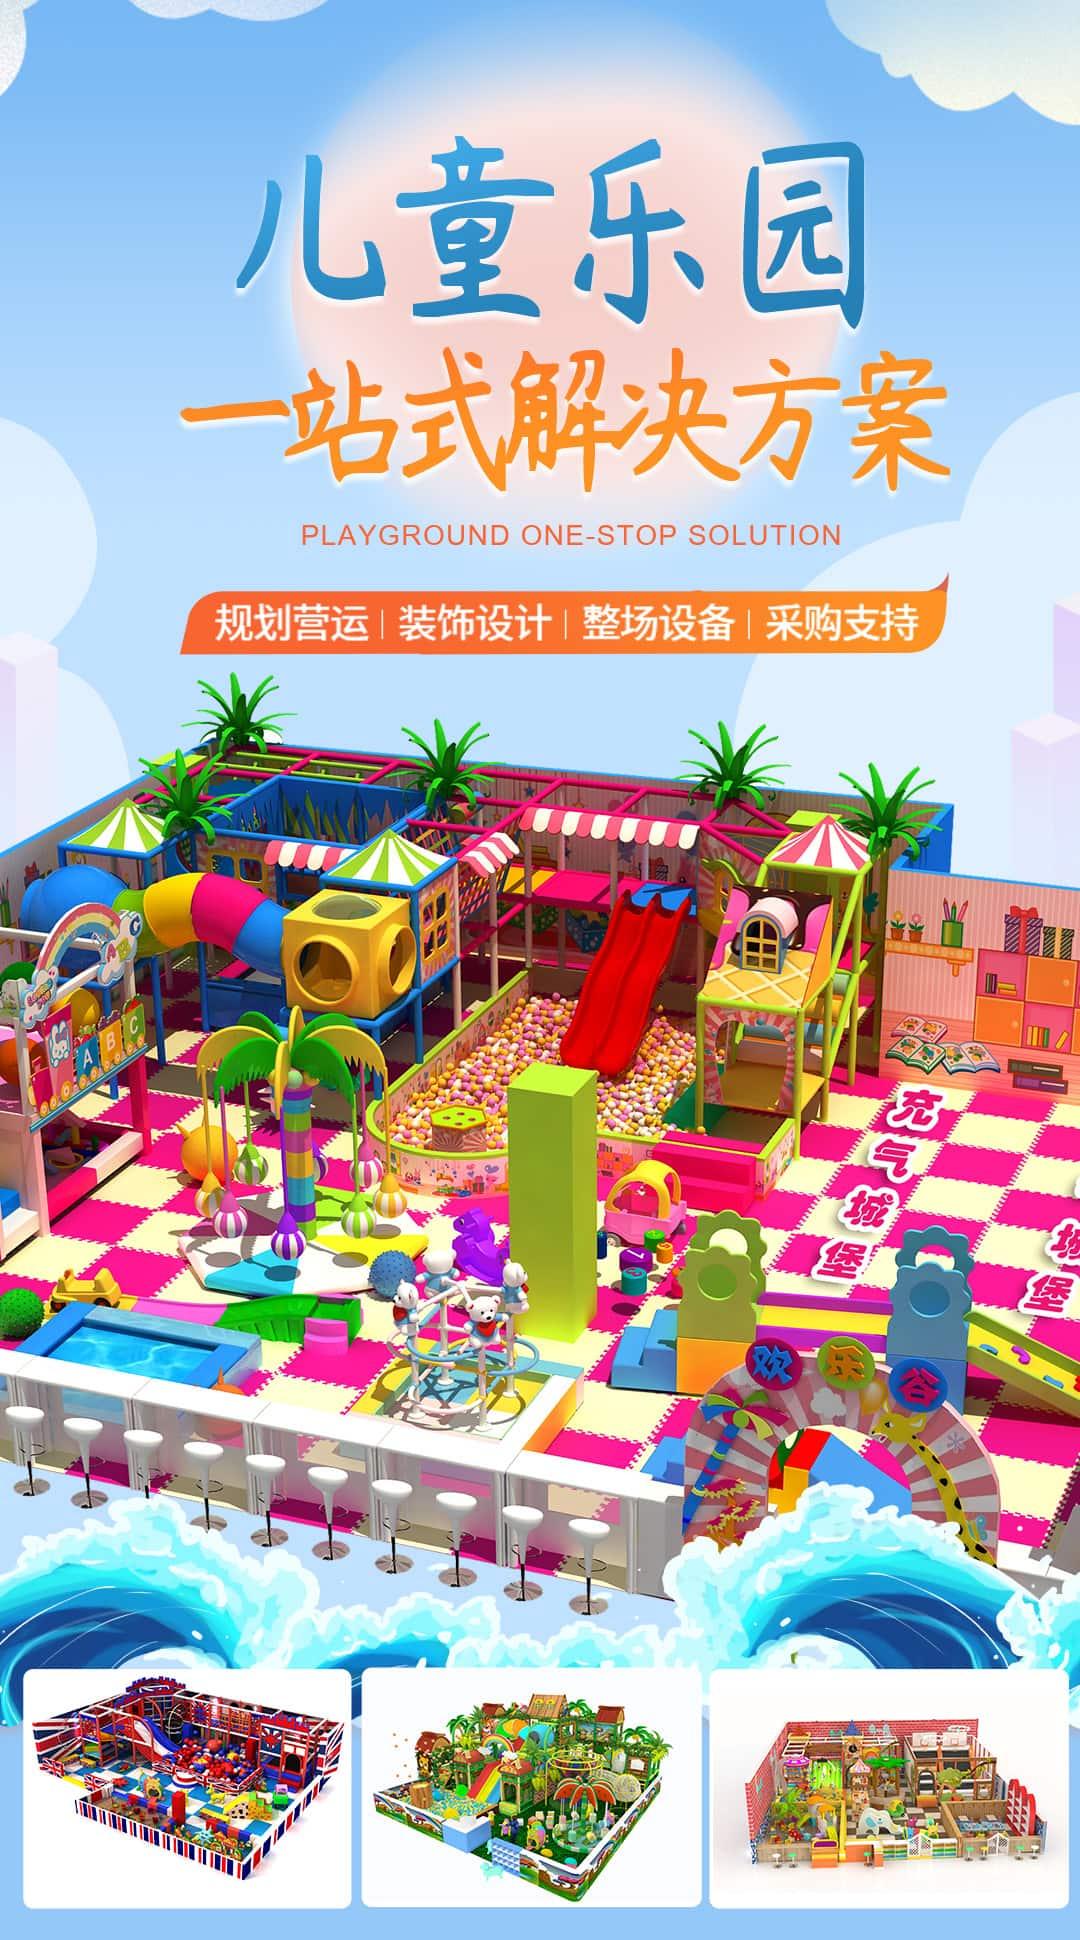 儿童乐园一站式解决方案